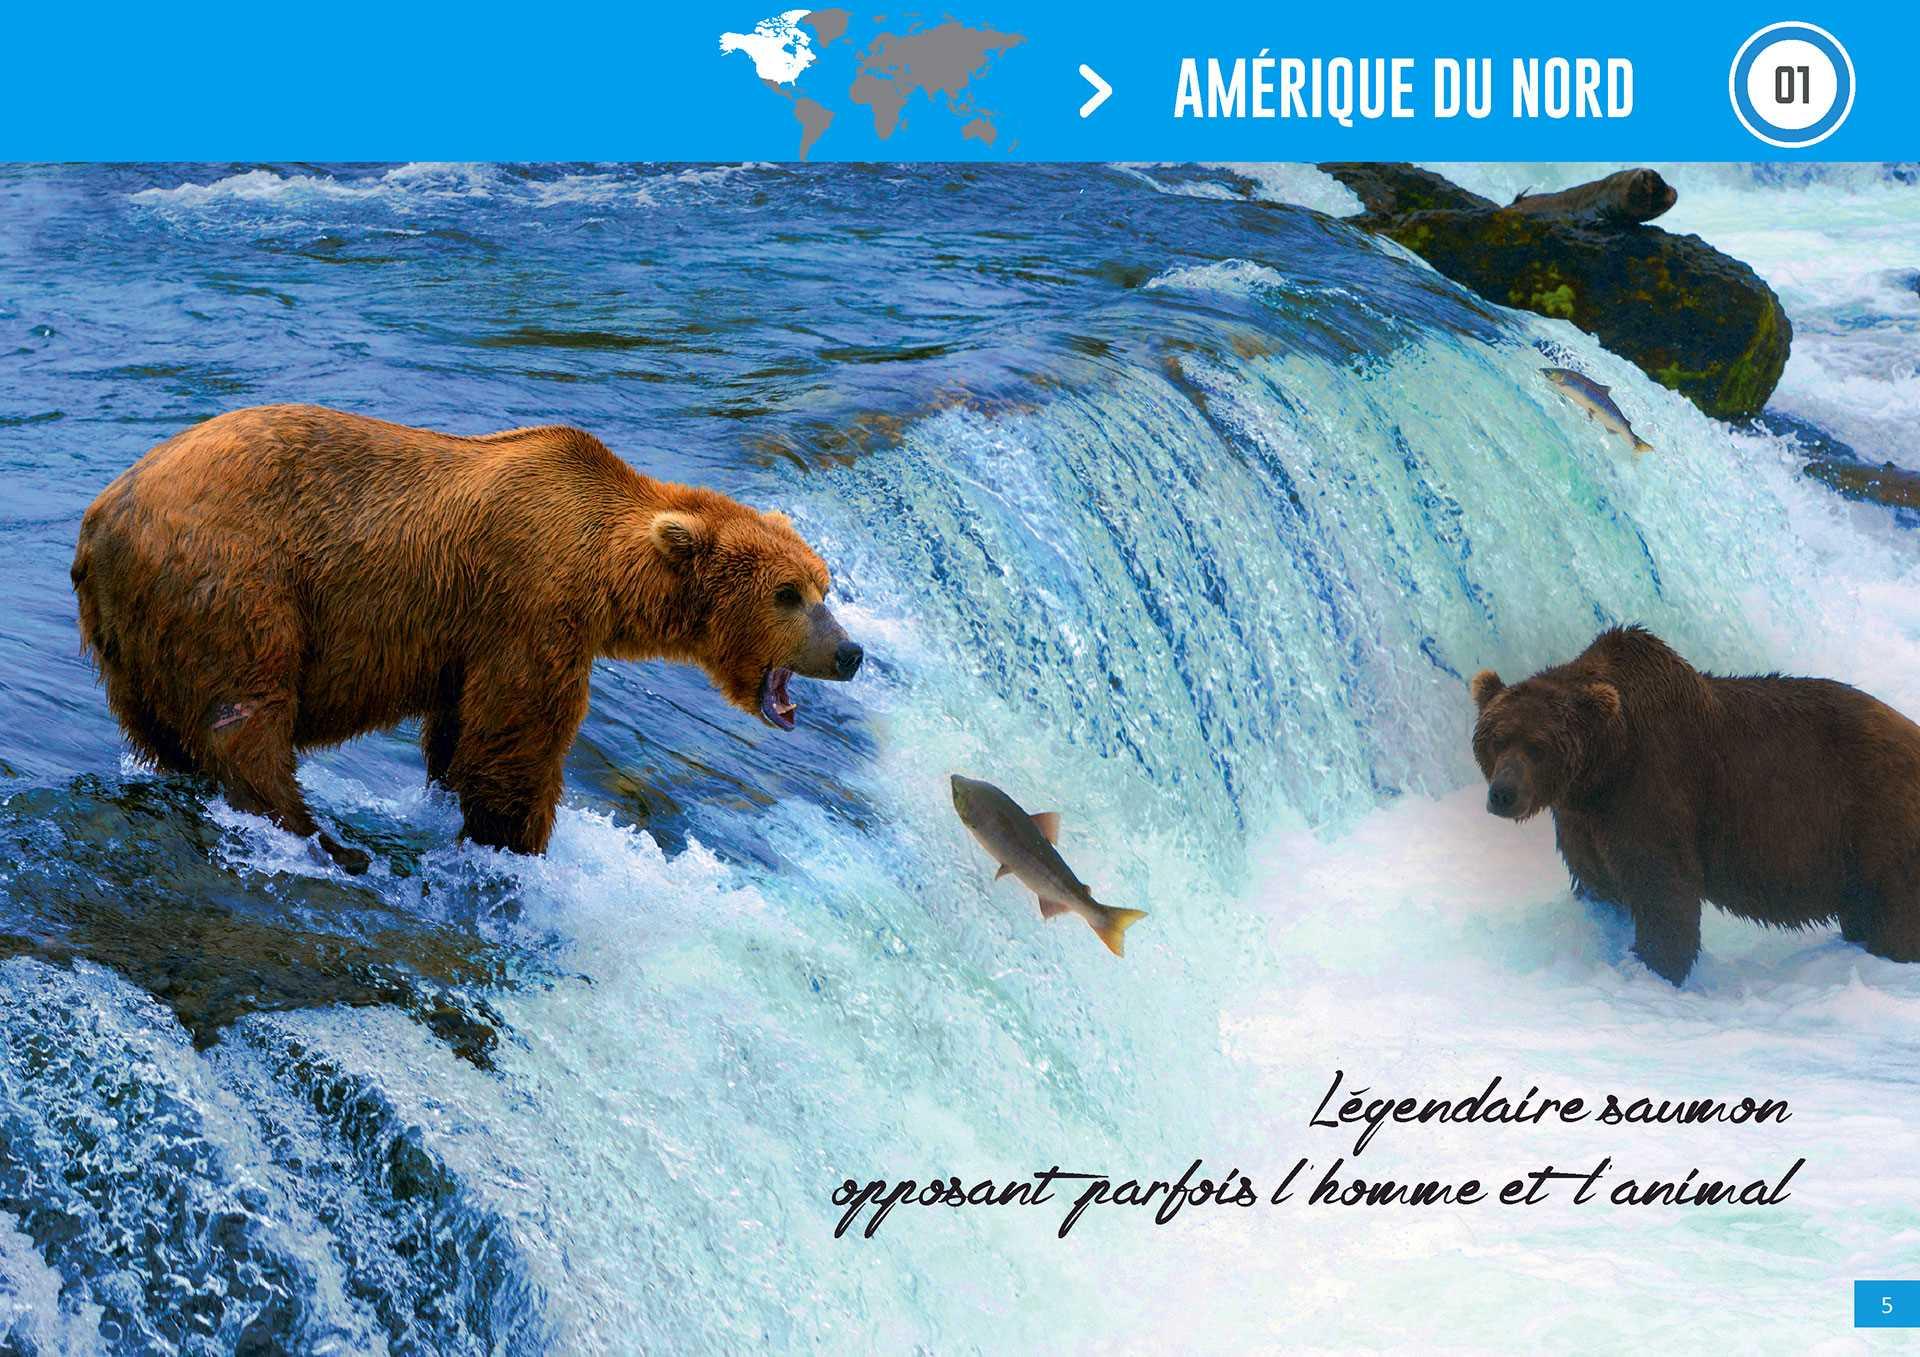 Tchelyabinsk acheter le costume pour la pêche dhiver